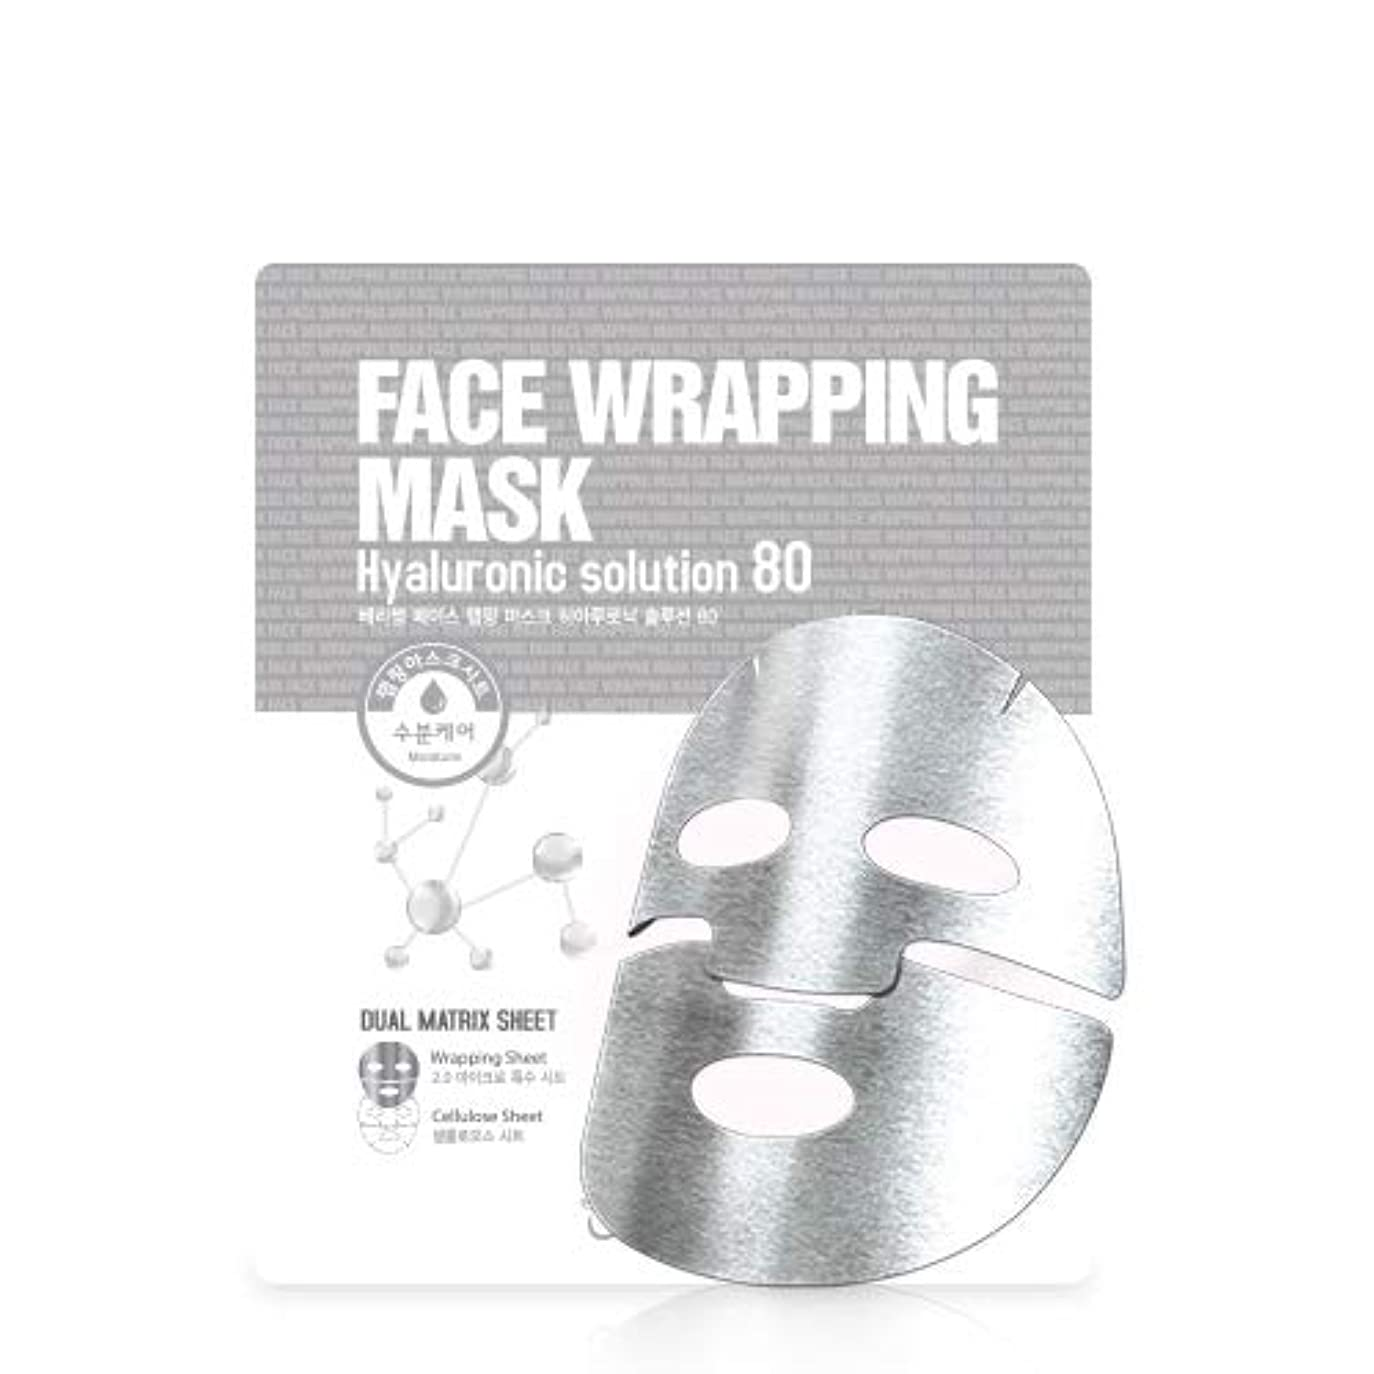 報復パトワ肘ベリソム[Berrisom] フェイスラッピングマスクヒアルロン酸ソリューション 80 / 水分、ホワイトニング Wrapping Mask Hyaluronic 27gx5P